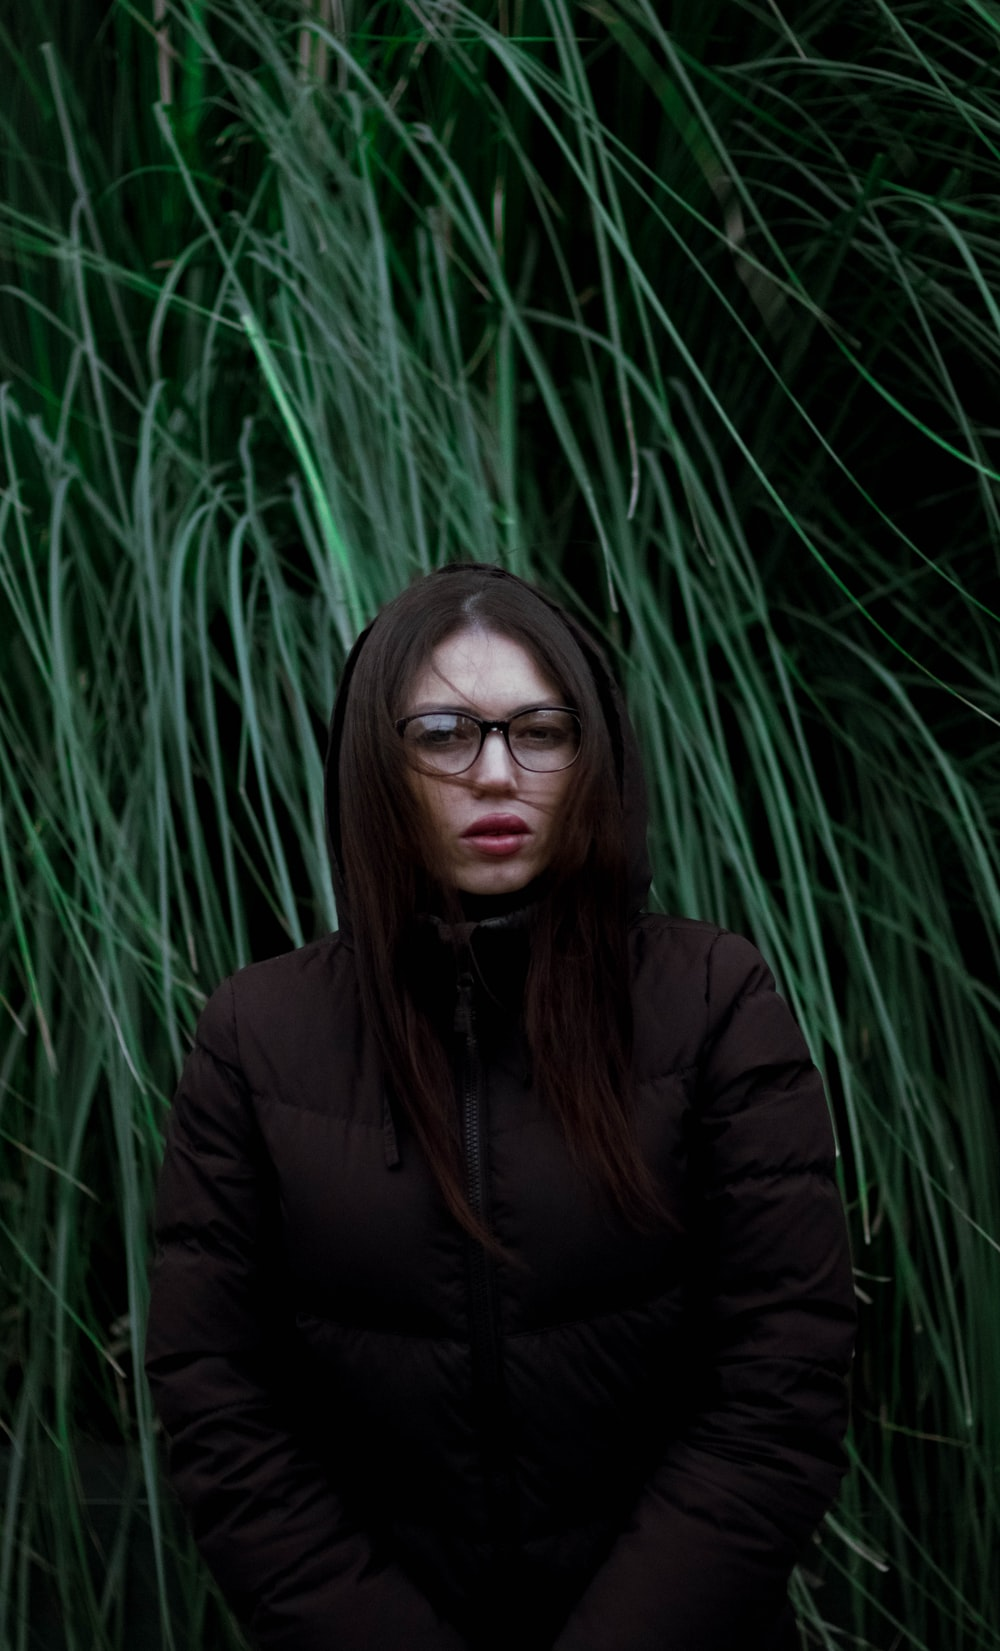 woman standing behind grass